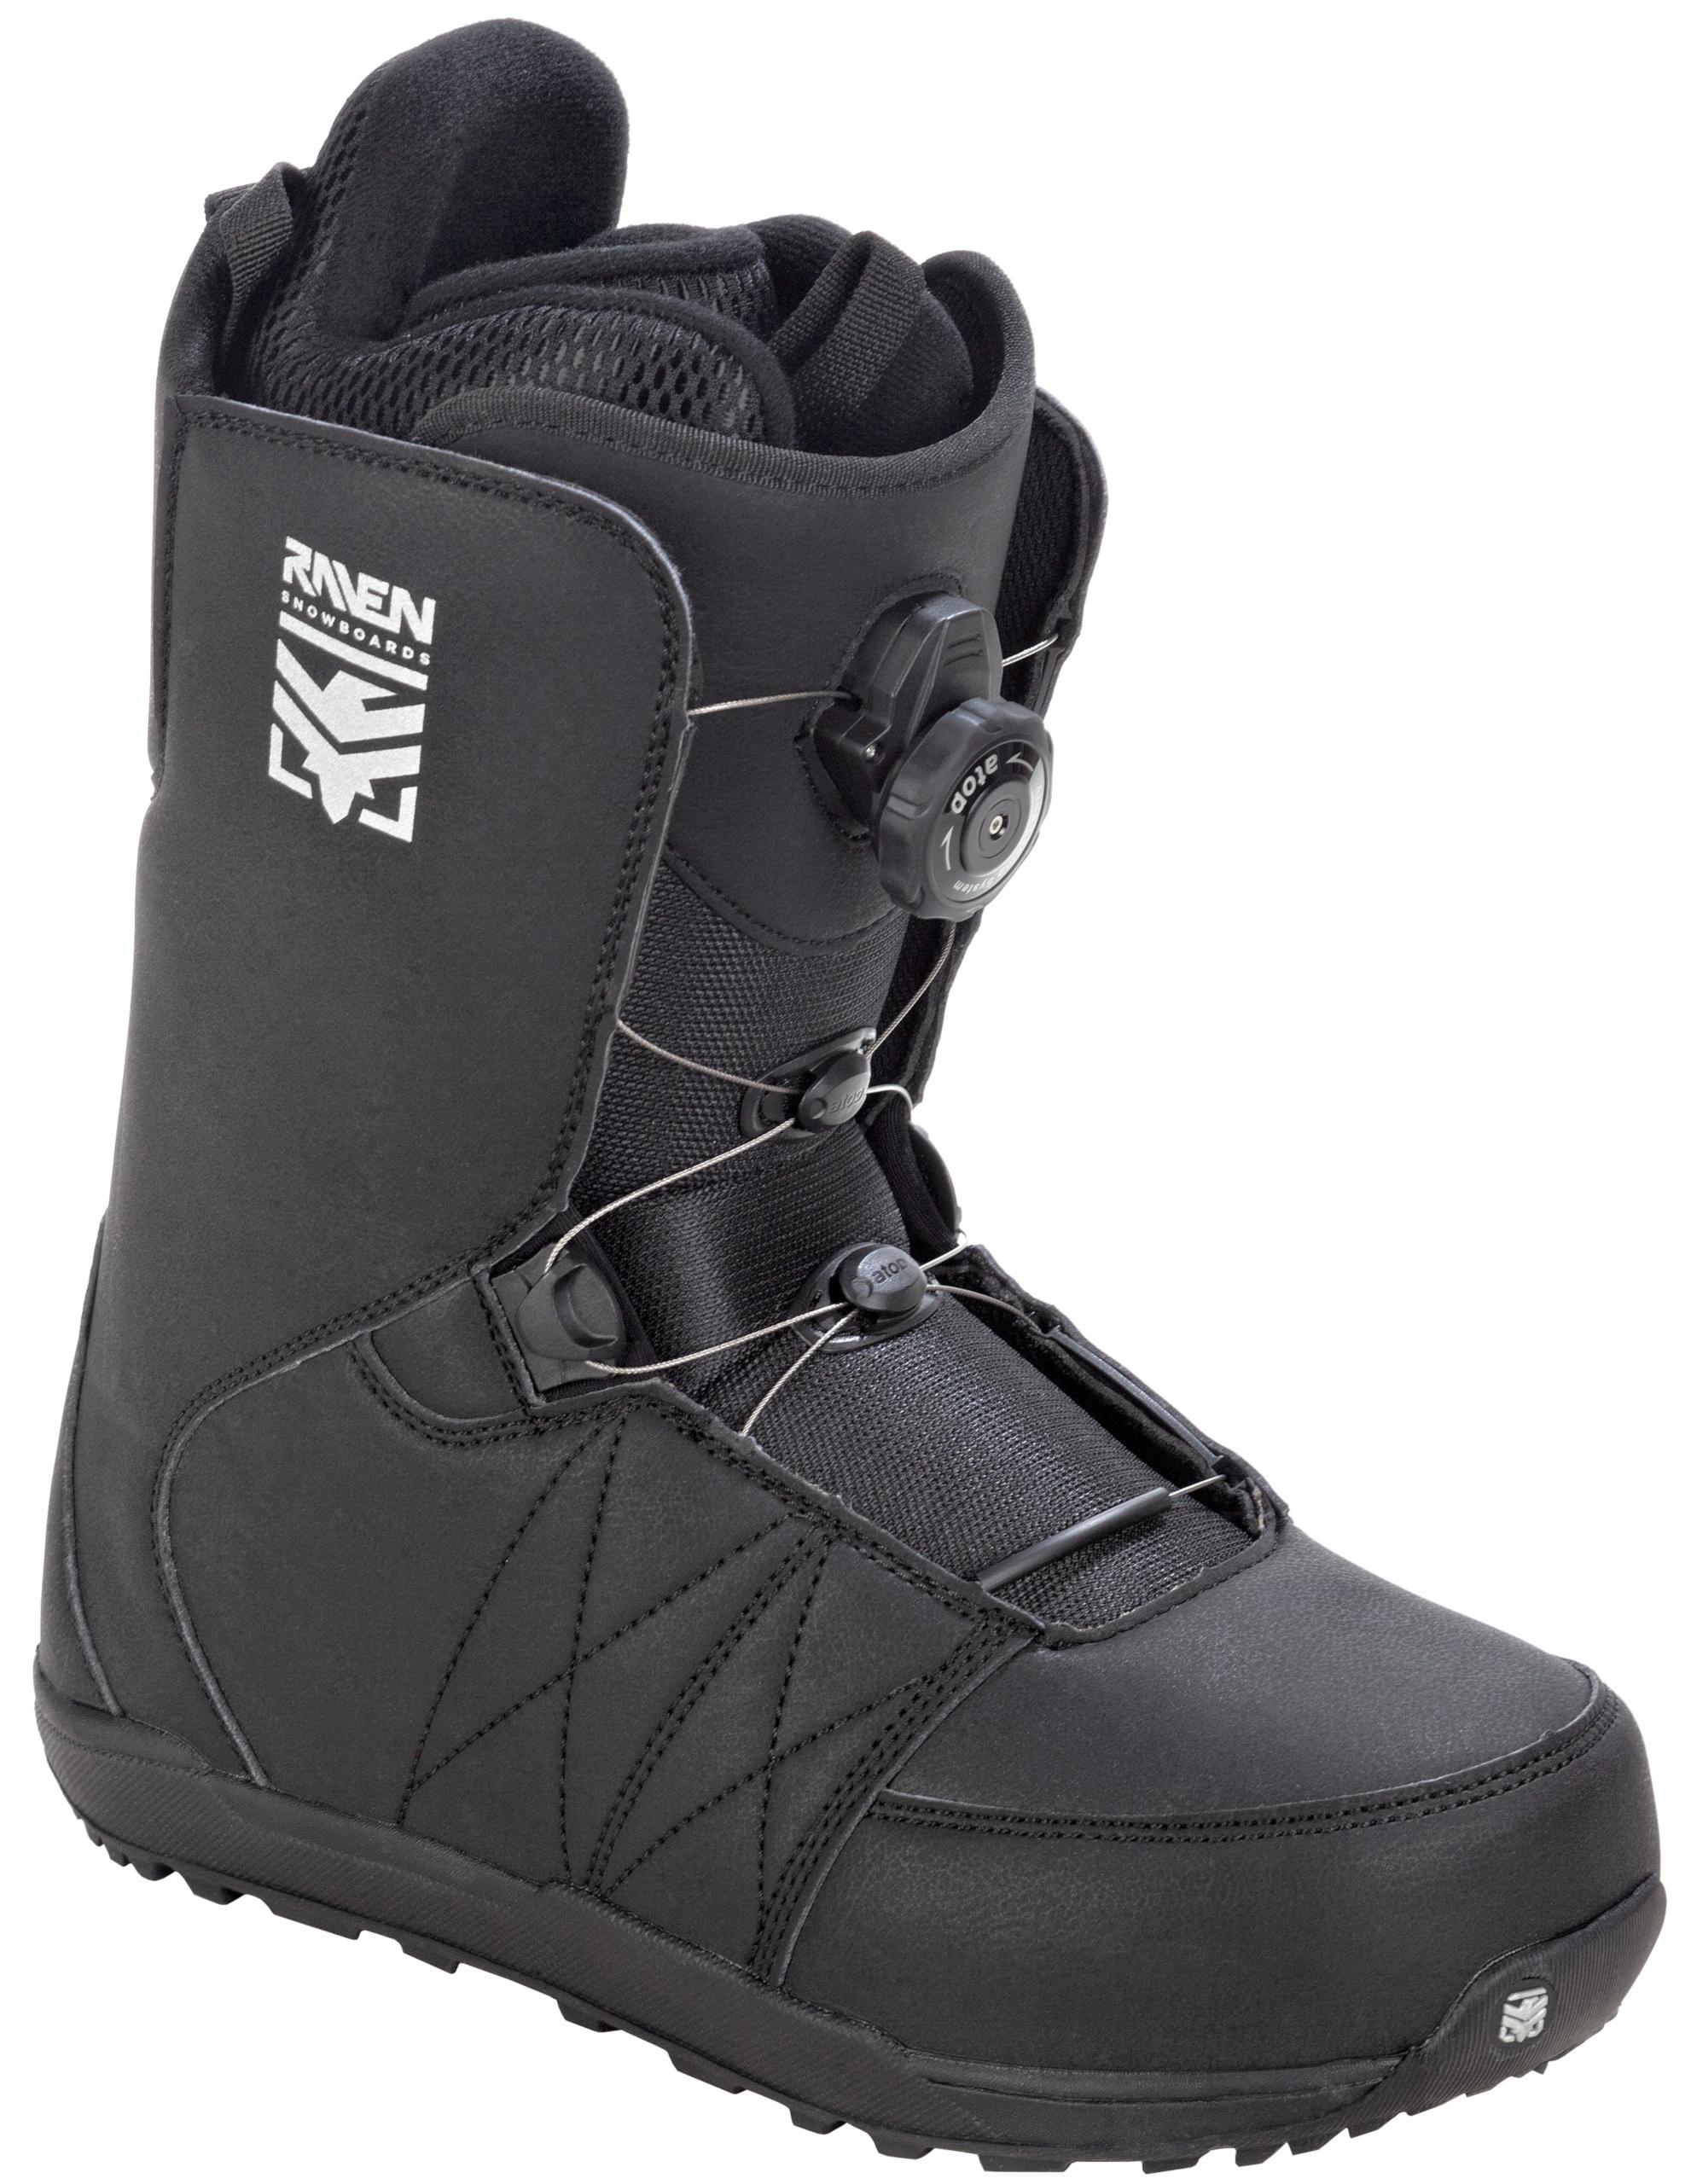 Обувь Raven Matrix ATOP 2020 - 41 (26,5 см)